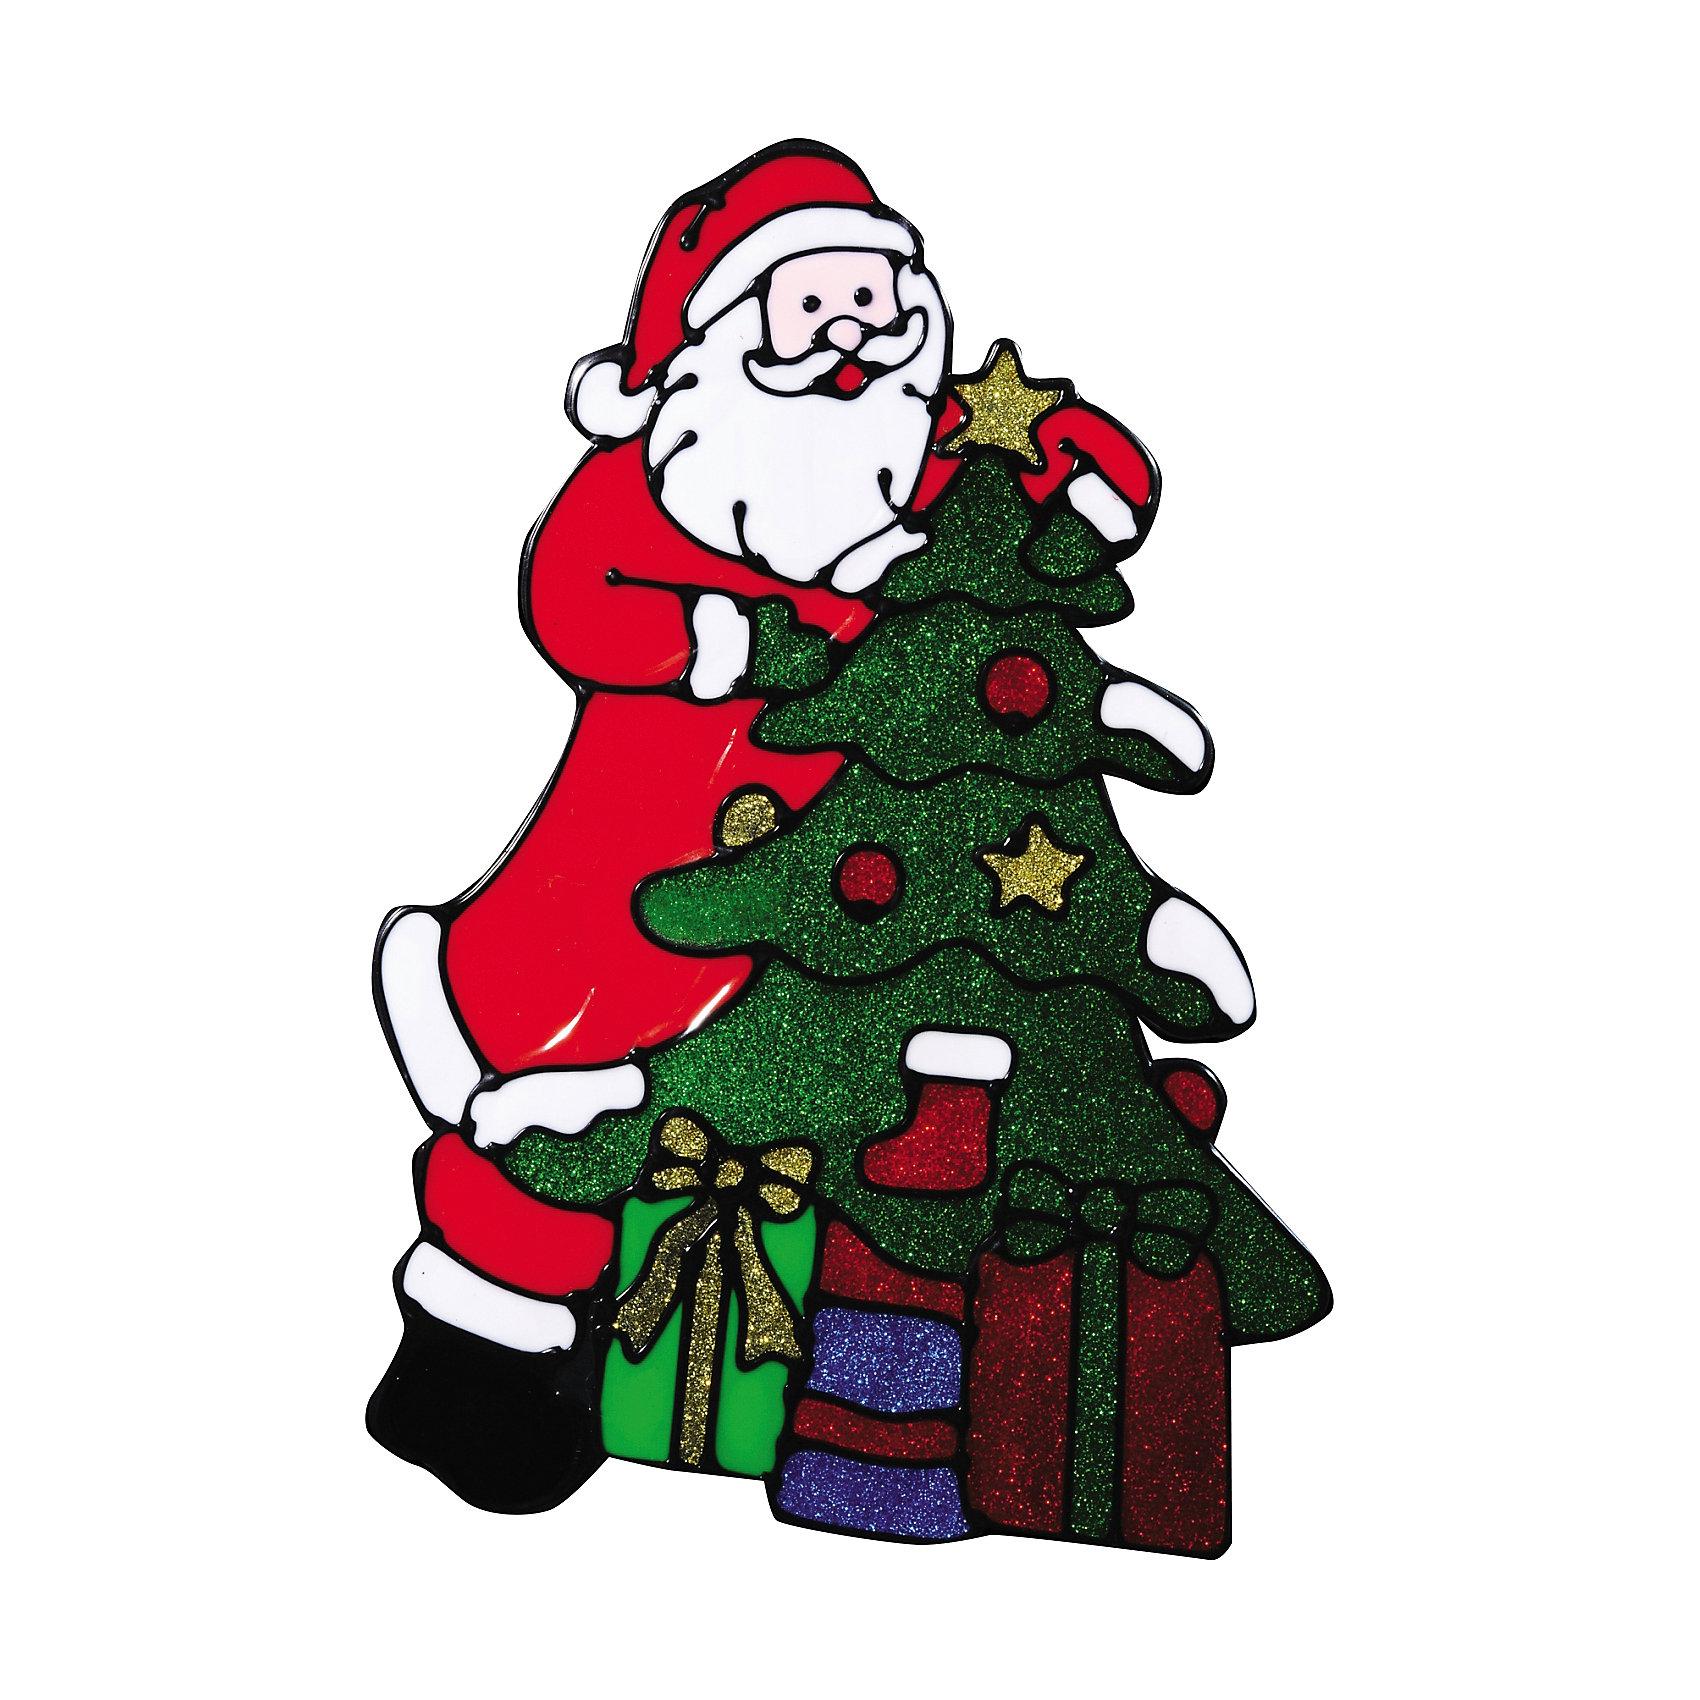 Наклейка на окно Счастливого рождества!  21*31 смНаклейку на окно Счастливого рождества!  21*31 см можно преподнести в качестве мини-презента на праздники Рождества и Нового Года. Добрый Санта с подарками и елочкой замечательно украсит новогодний интерьер и создаст праздничное настроение Вам и Вашим близким!  <br><br>Дополнительная информация:<br>-Материалы: силикон, блестки<br>-Размер в упаковке: 21х0,5х31 см<br>-Вес в упаковке: 87 г<br>-Размер: 21х31 см<br><br>Наклейка на окно Счастливого рождества!  21*31 см можно купить в нашем магазине.<br><br>Ширина мм: 210<br>Глубина мм: 5<br>Высота мм: 310<br>Вес г: 87<br>Возраст от месяцев: 84<br>Возраст до месяцев: 2147483647<br>Пол: Унисекс<br>Возраст: Детский<br>SKU: 4286724